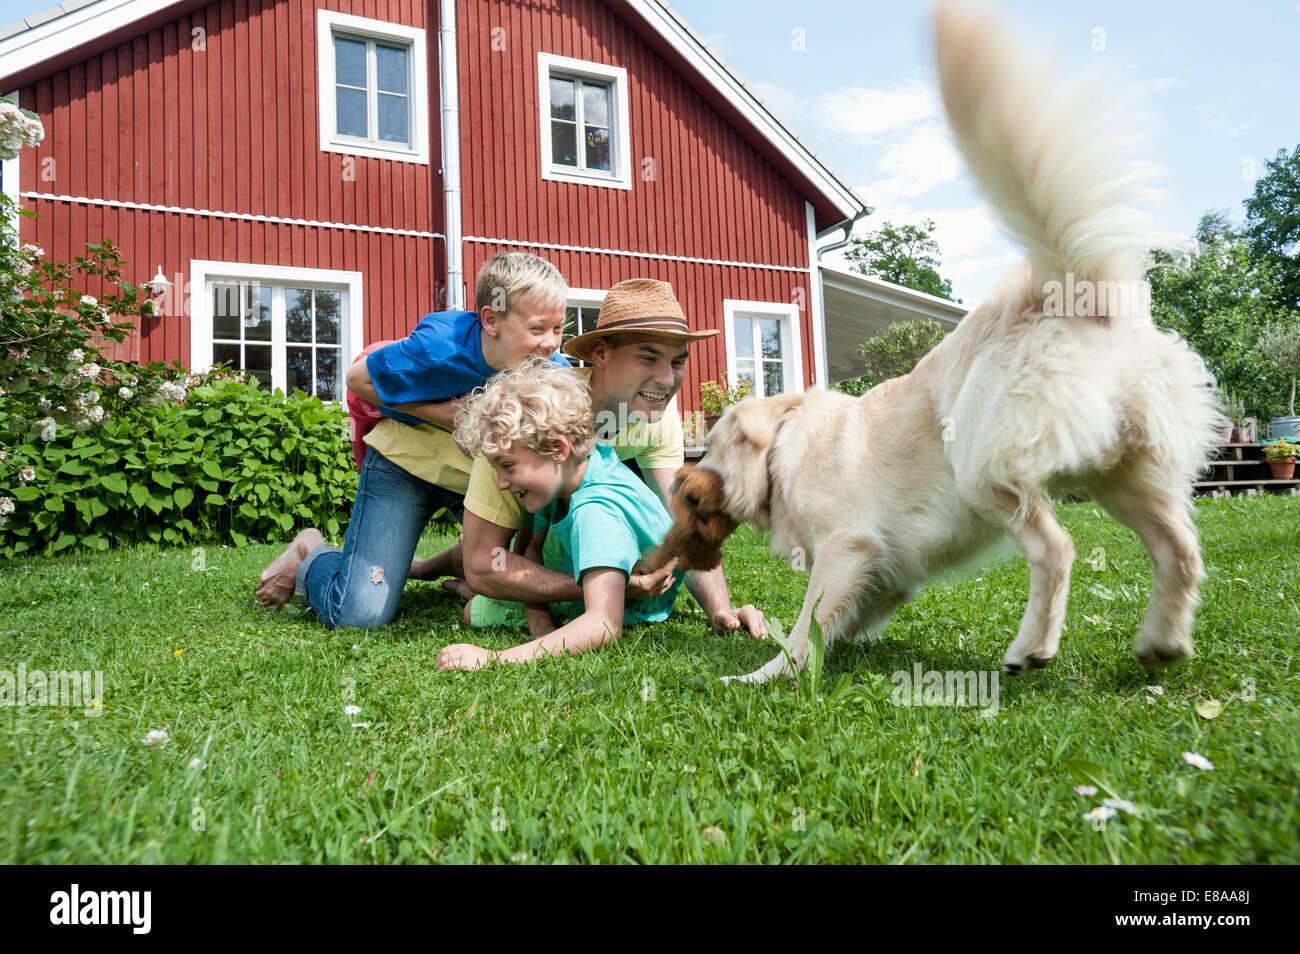 Padre e figli cane giocando sull'erba Immagini Stock